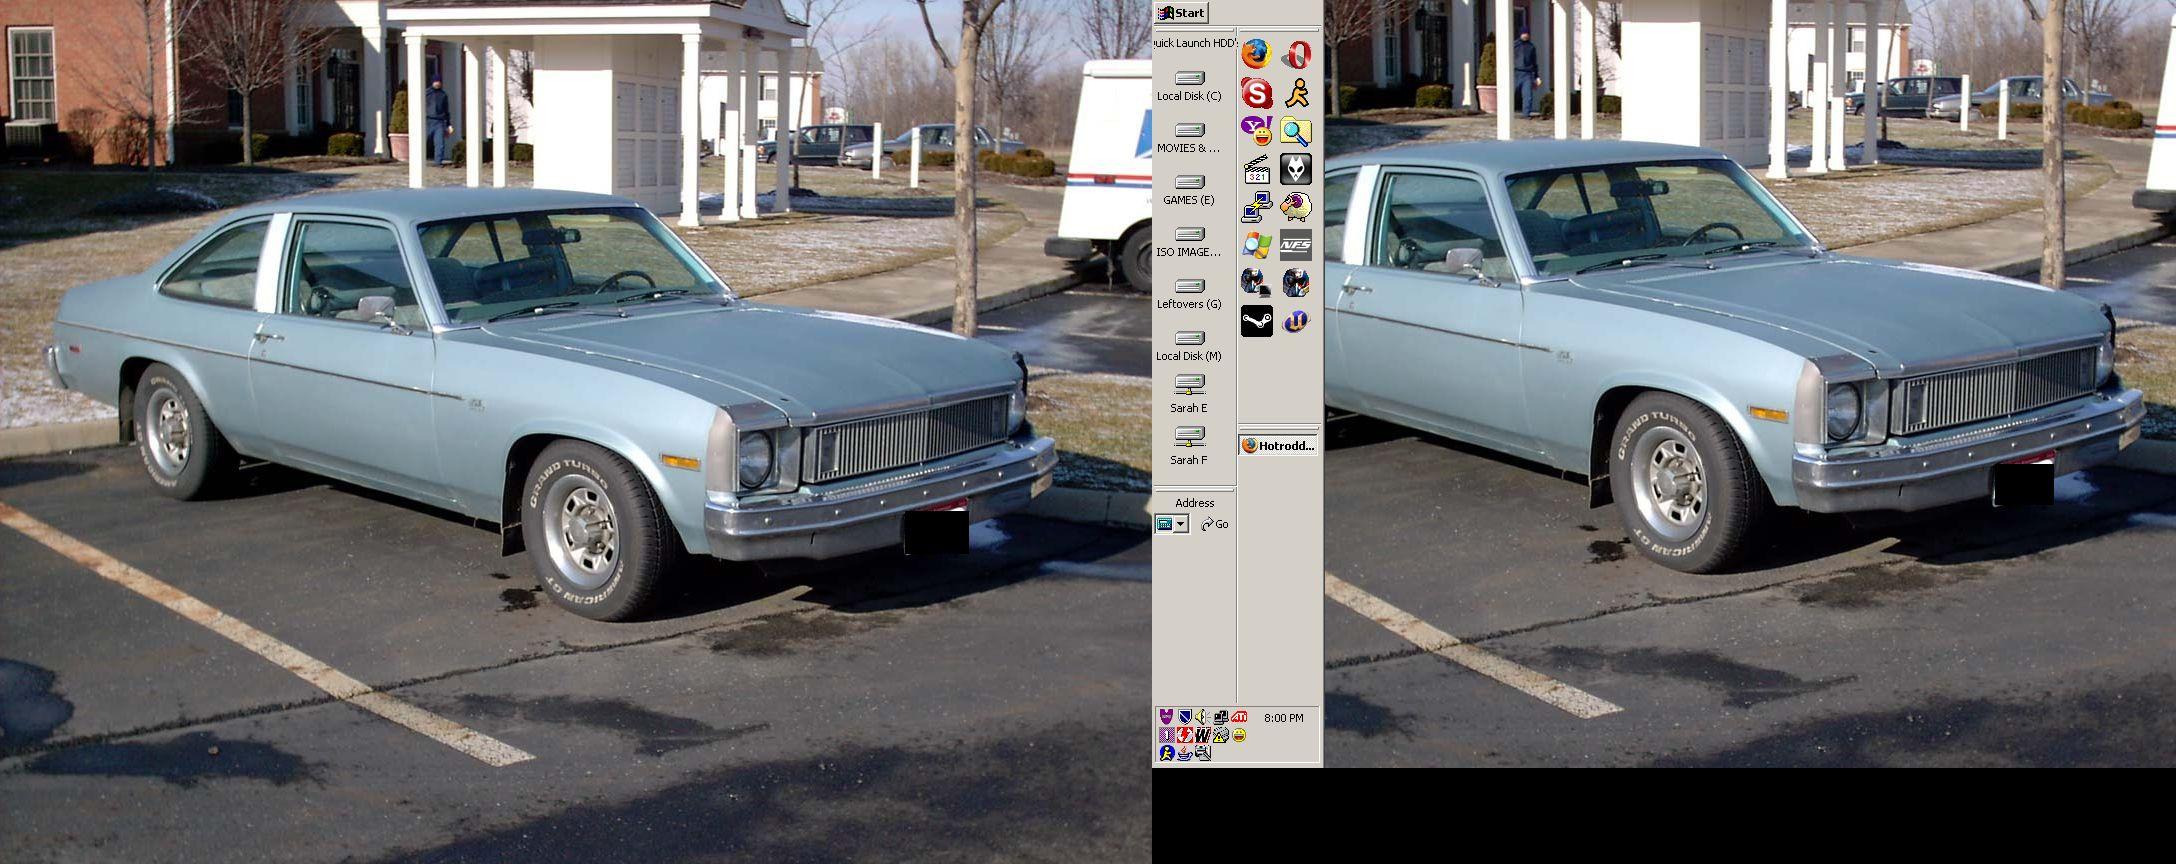 Click image for larger version  Name:desktophotrodders.jpg Views:489 Size:267.3 KB ID:4438